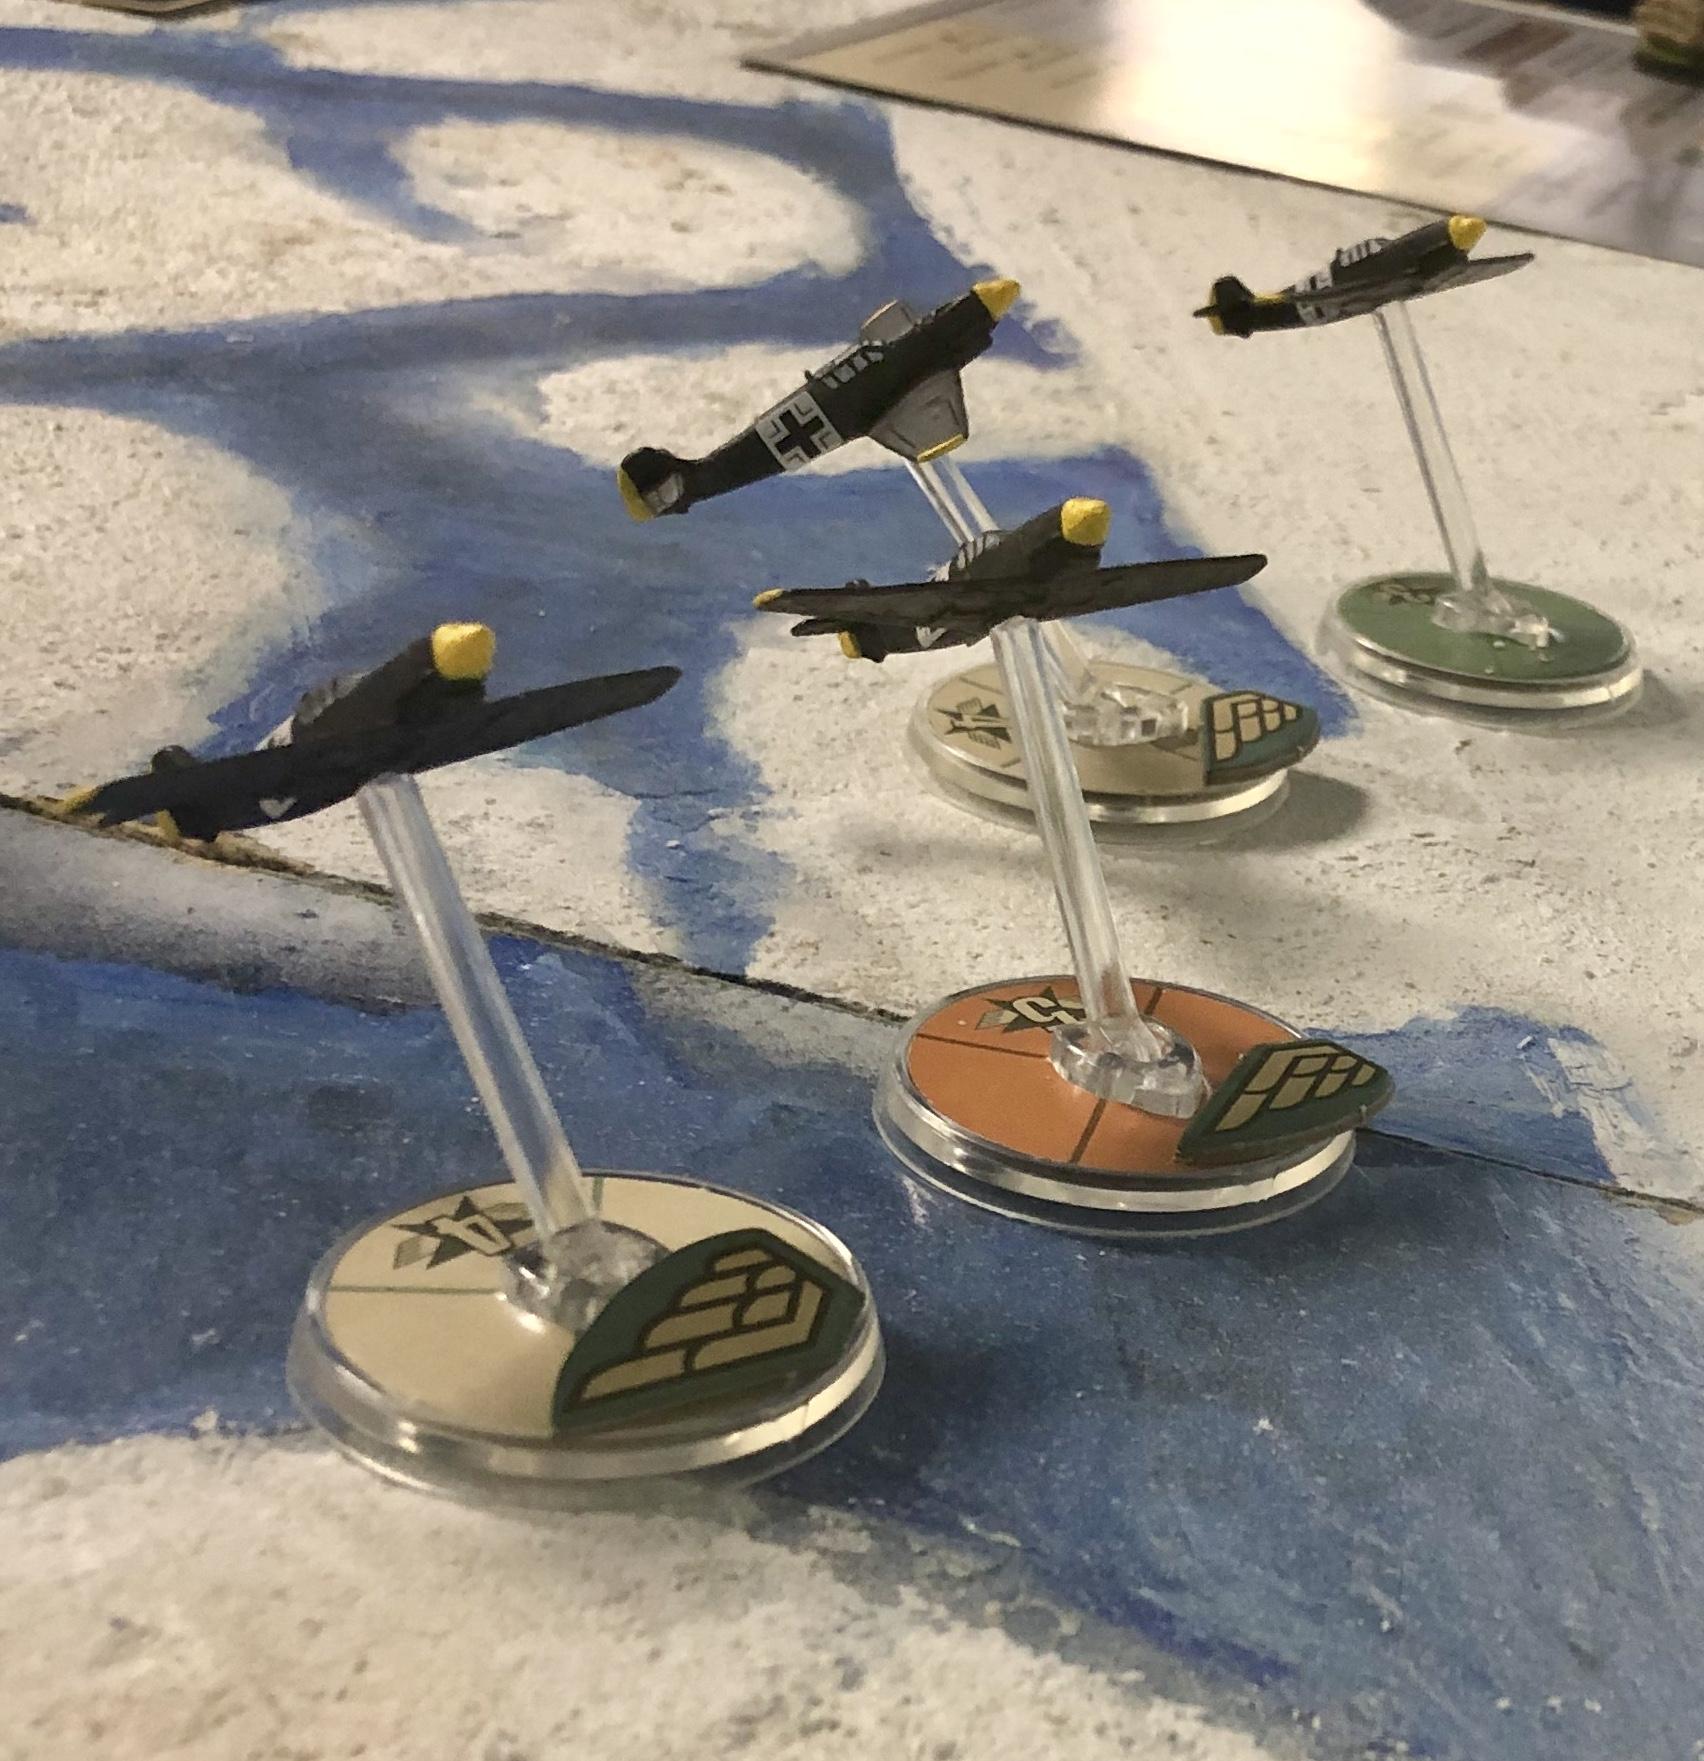 Hig's Heroes versus Türhalter in an aerial engagement